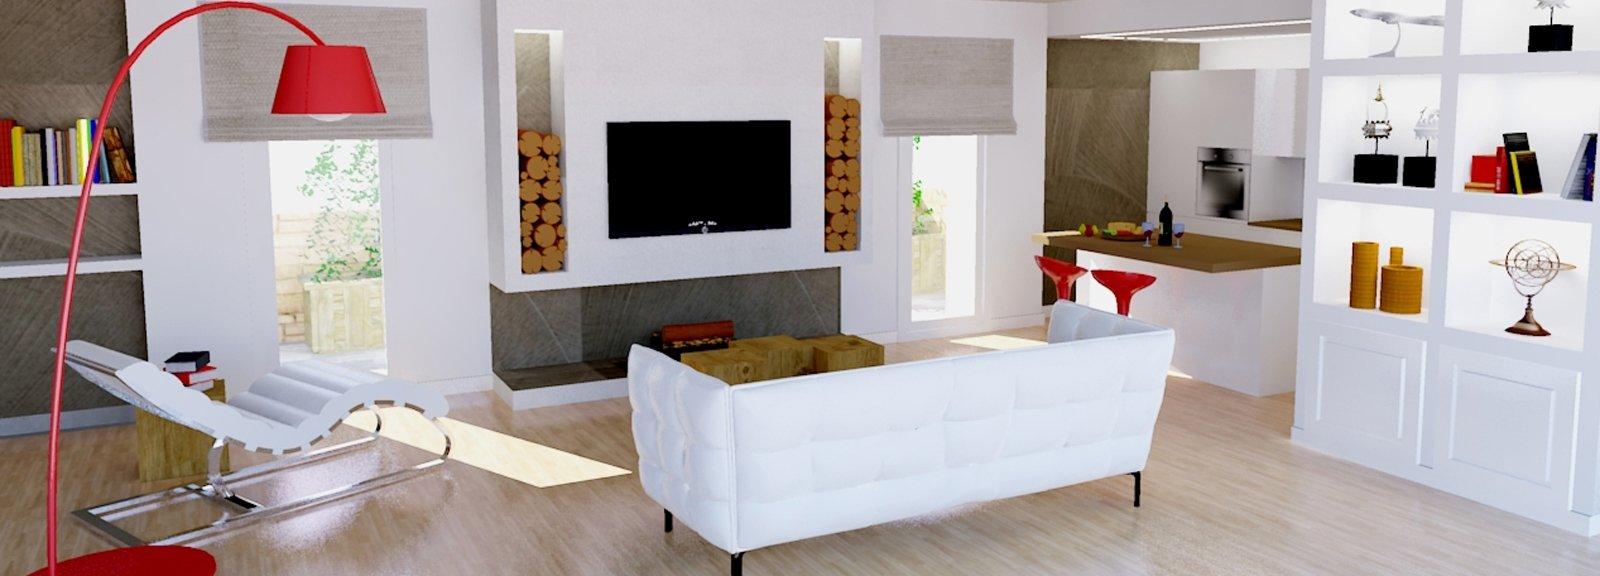 Come Arredare Soggiorno Quadrato : Un progetto per arredare soggiorno ...